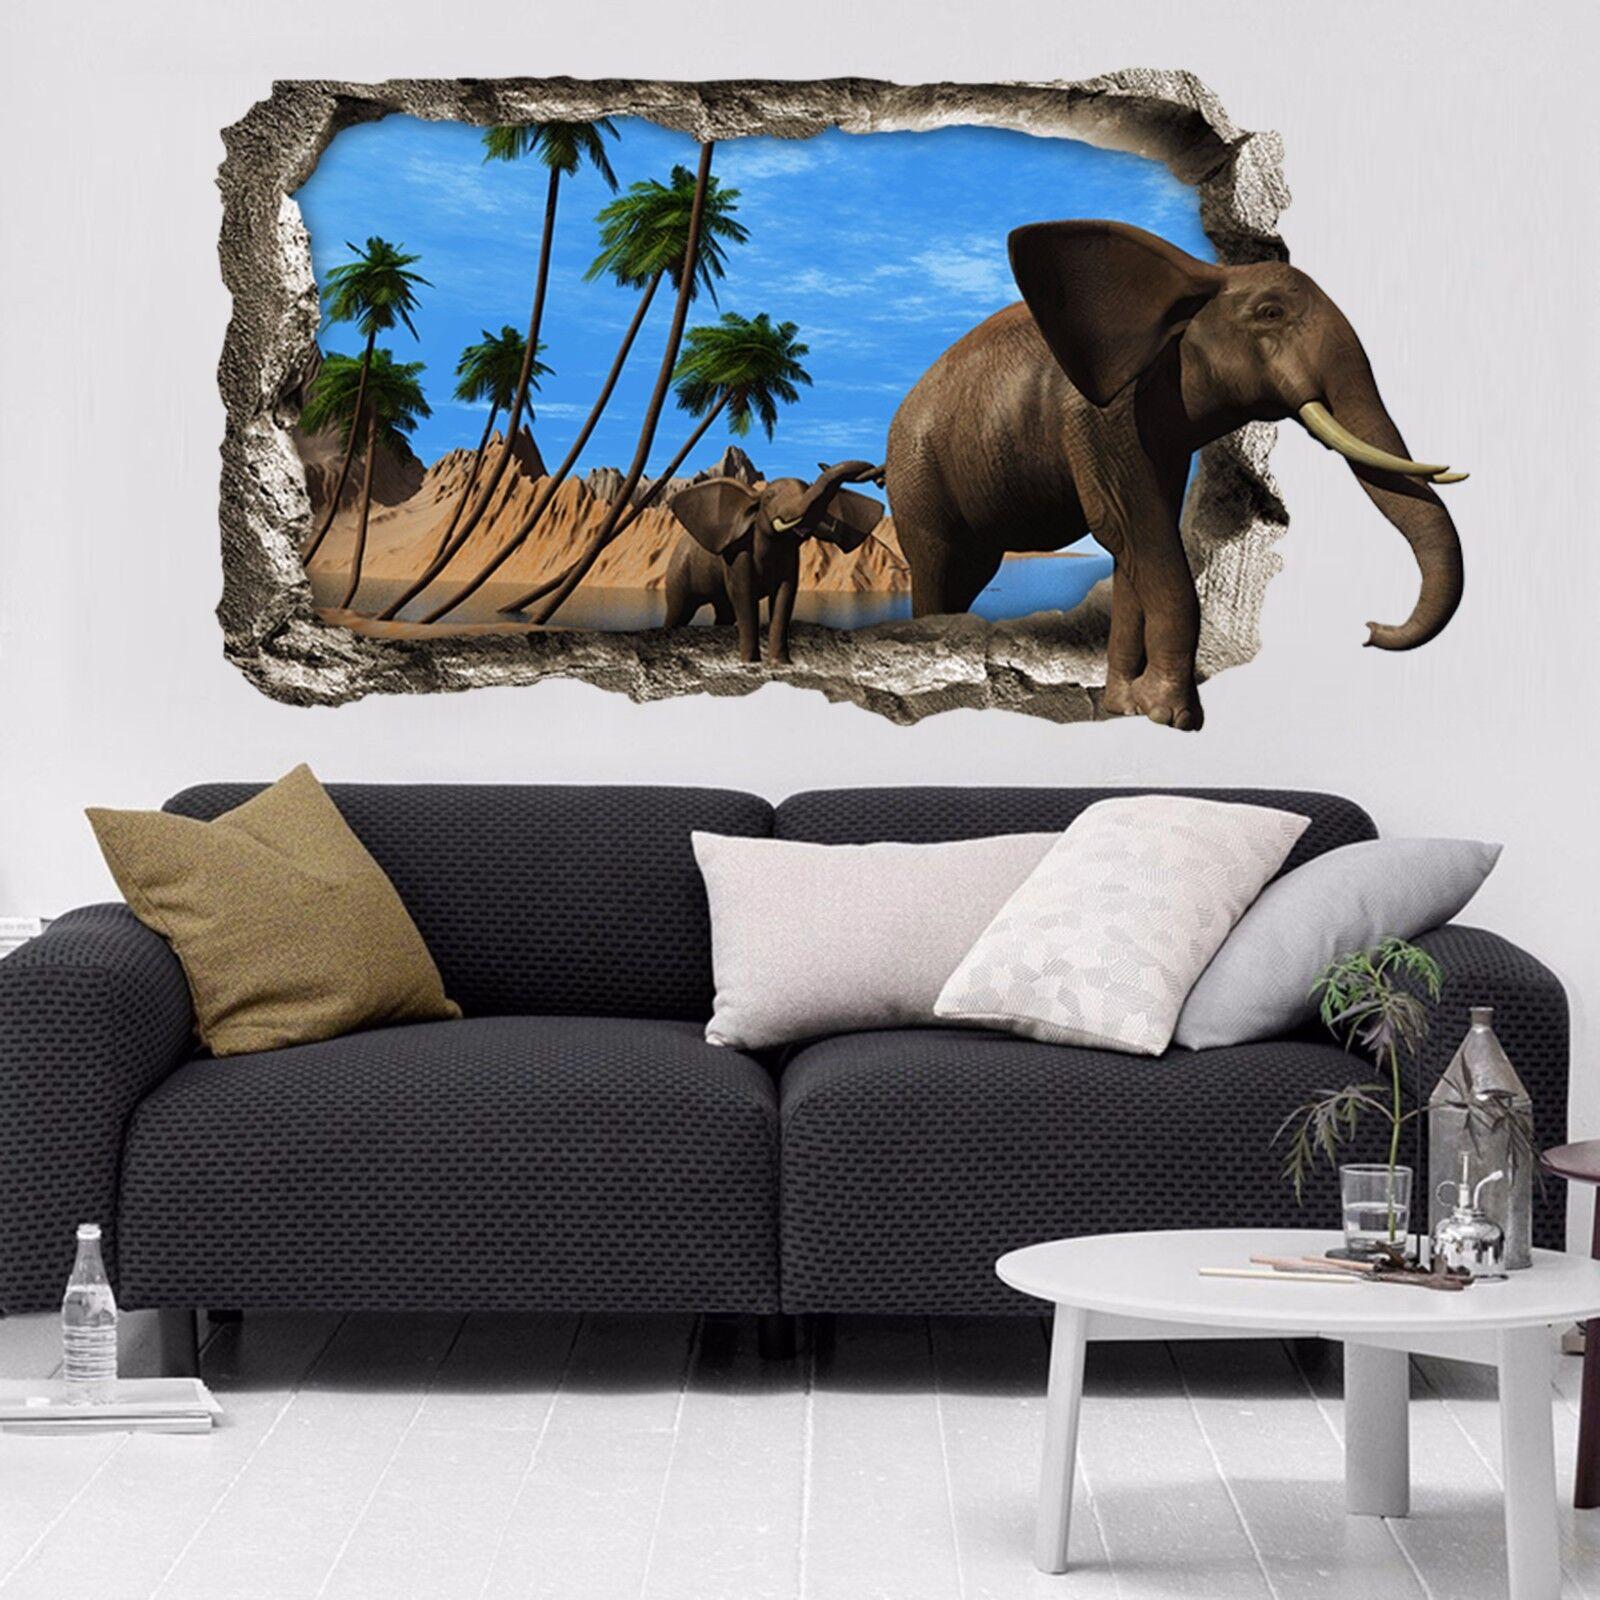 3D Elefanten Baum 9 Mauer Murals Mauer Aufklebe Decal Durchbruch AJ WALLPAPER DE